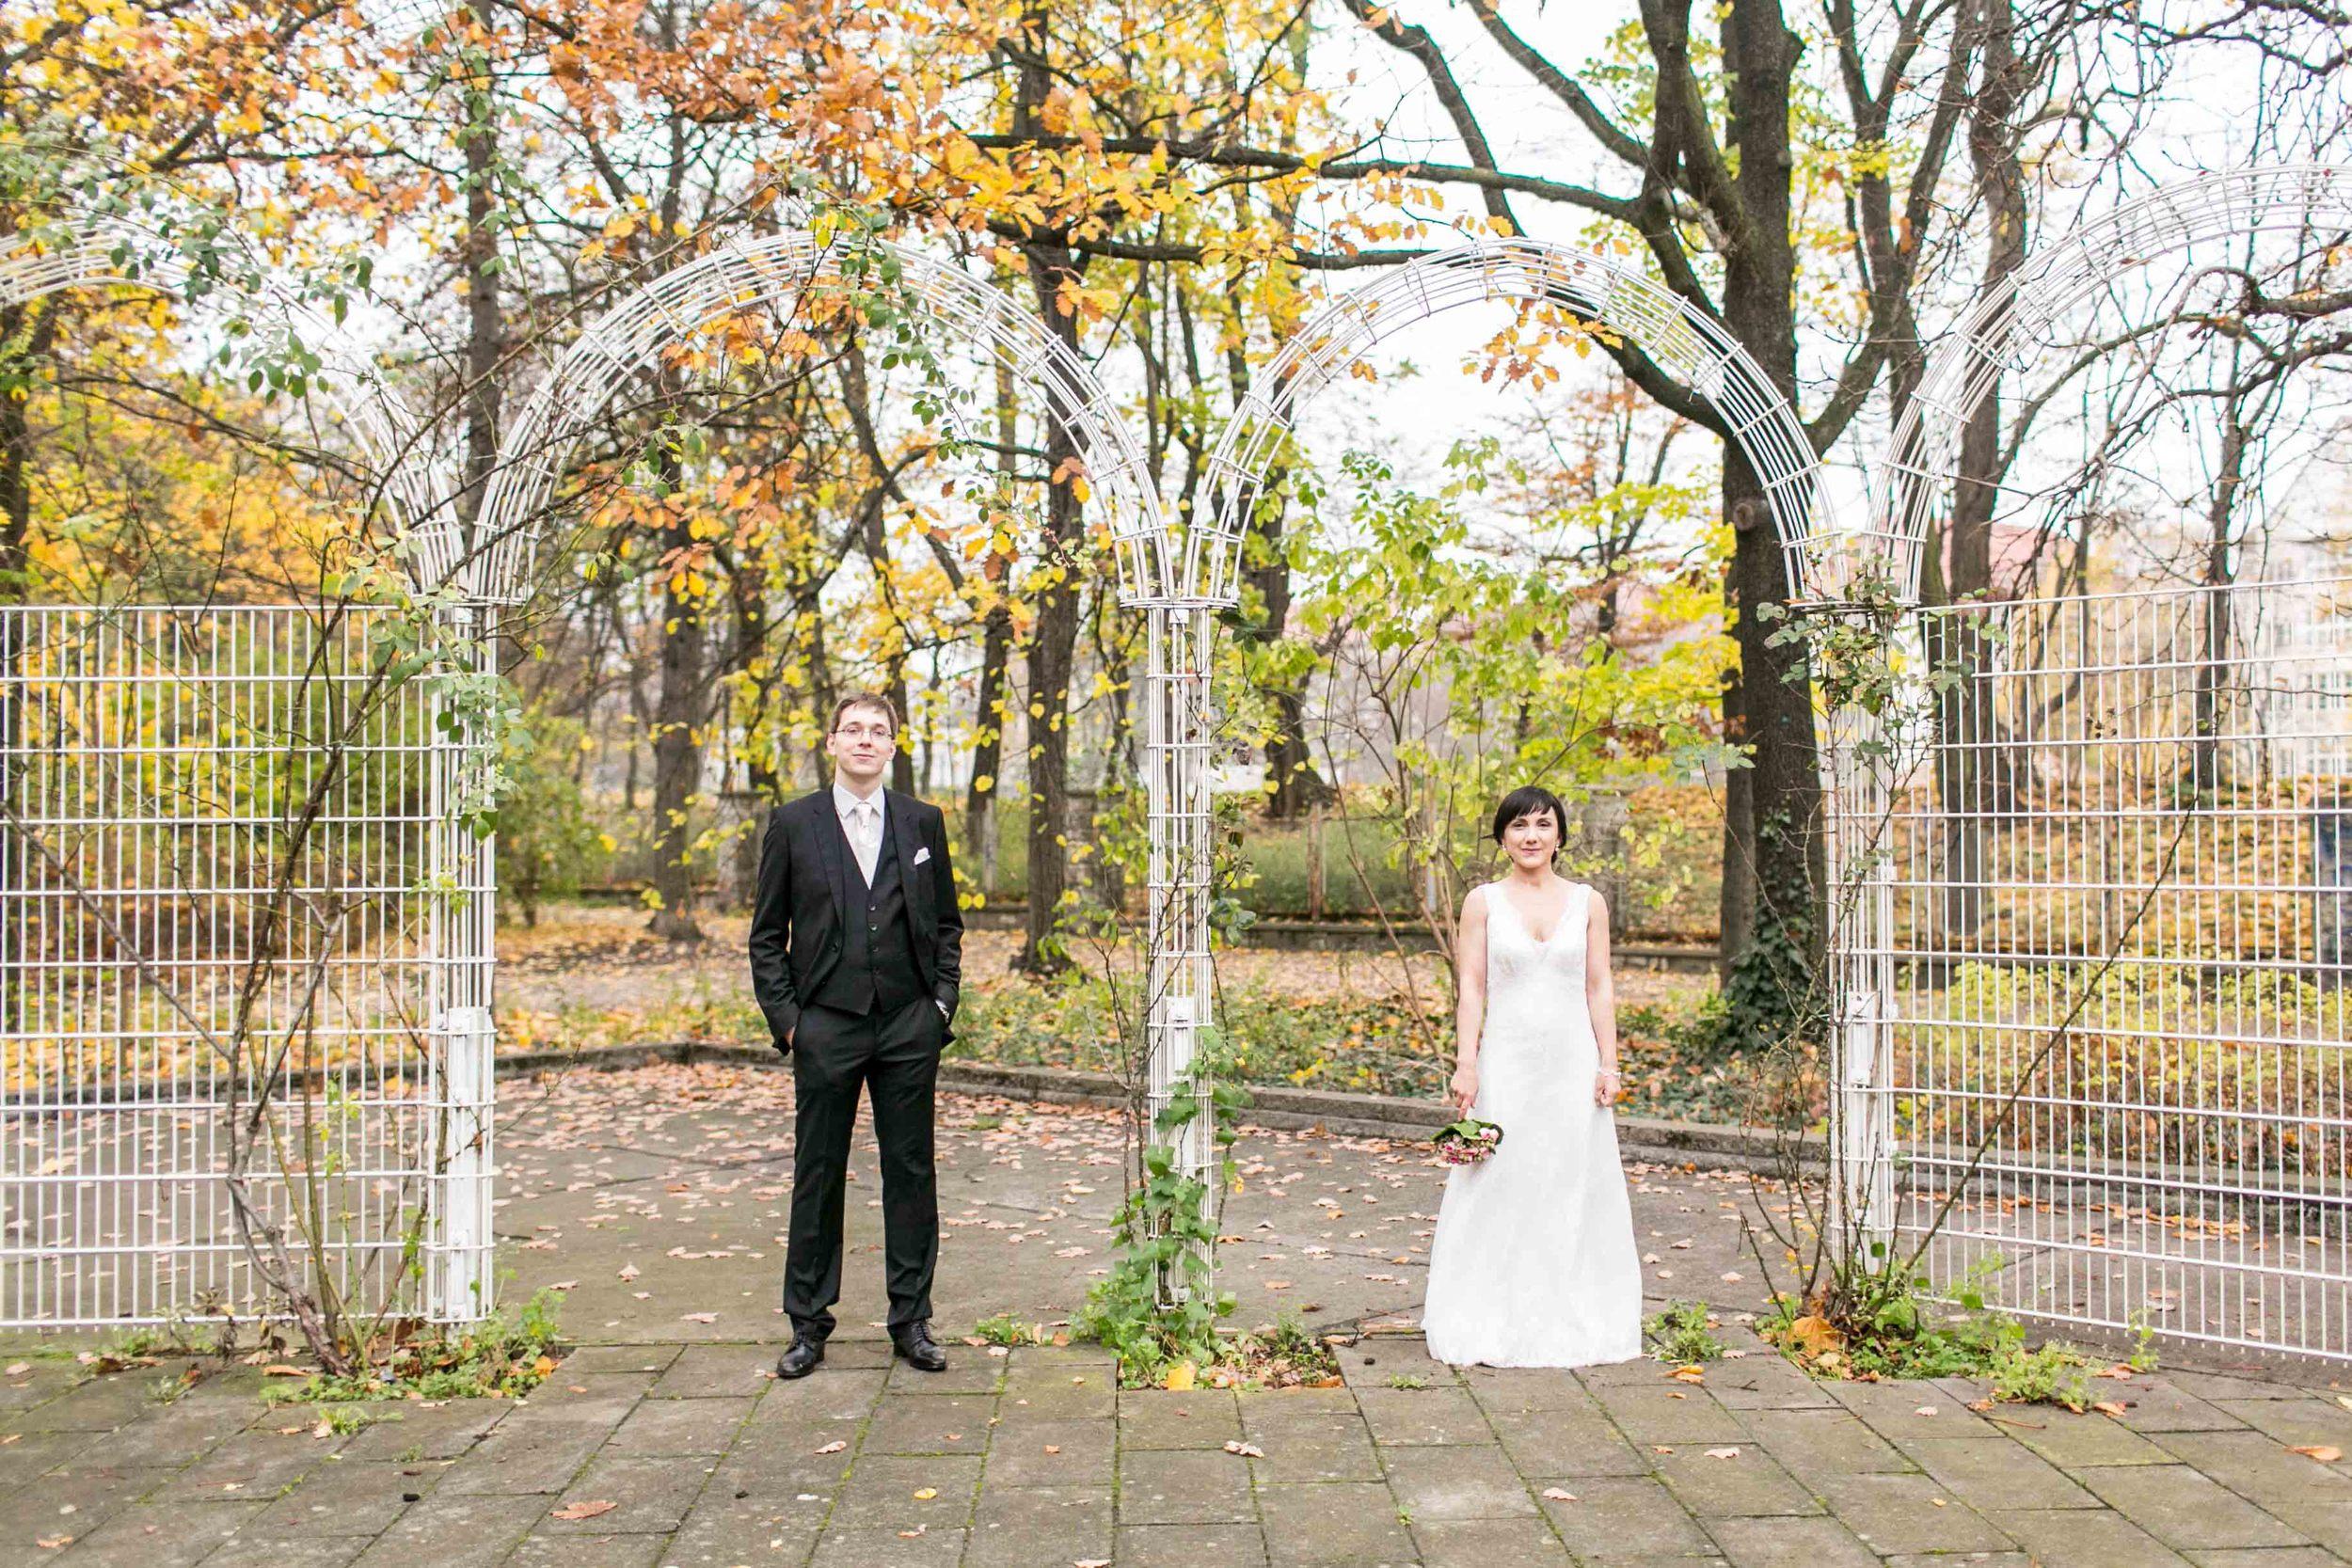 Fran Burrows Hochzeitsfotografie Berlin_Lichtenberg Standesamt-70.jpg